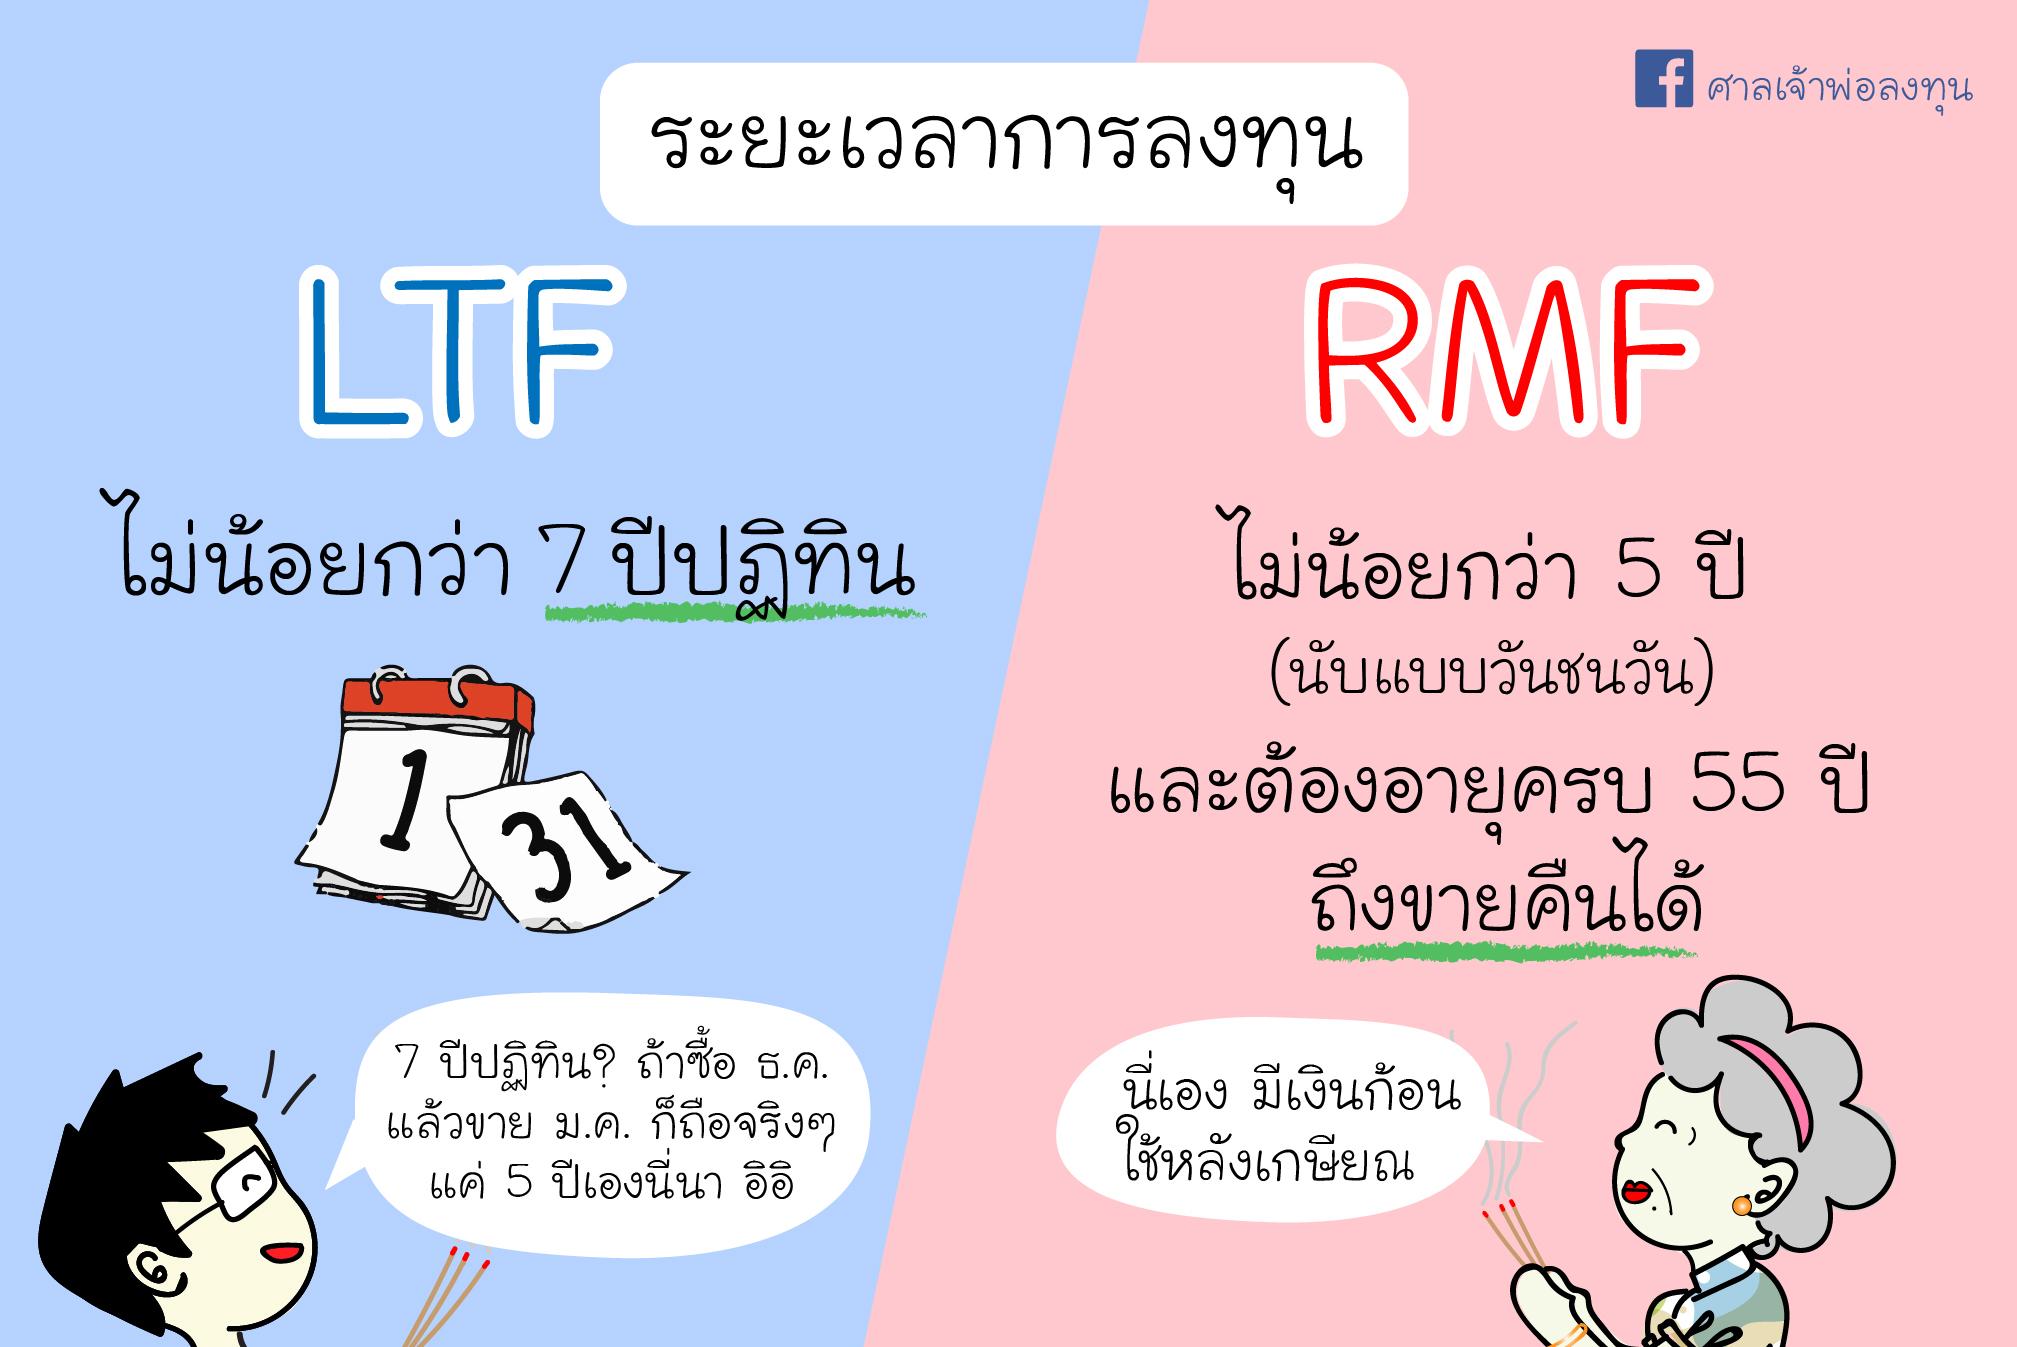 ศาลเจ้าพ่อลงทุน - LTF vs RMF-05